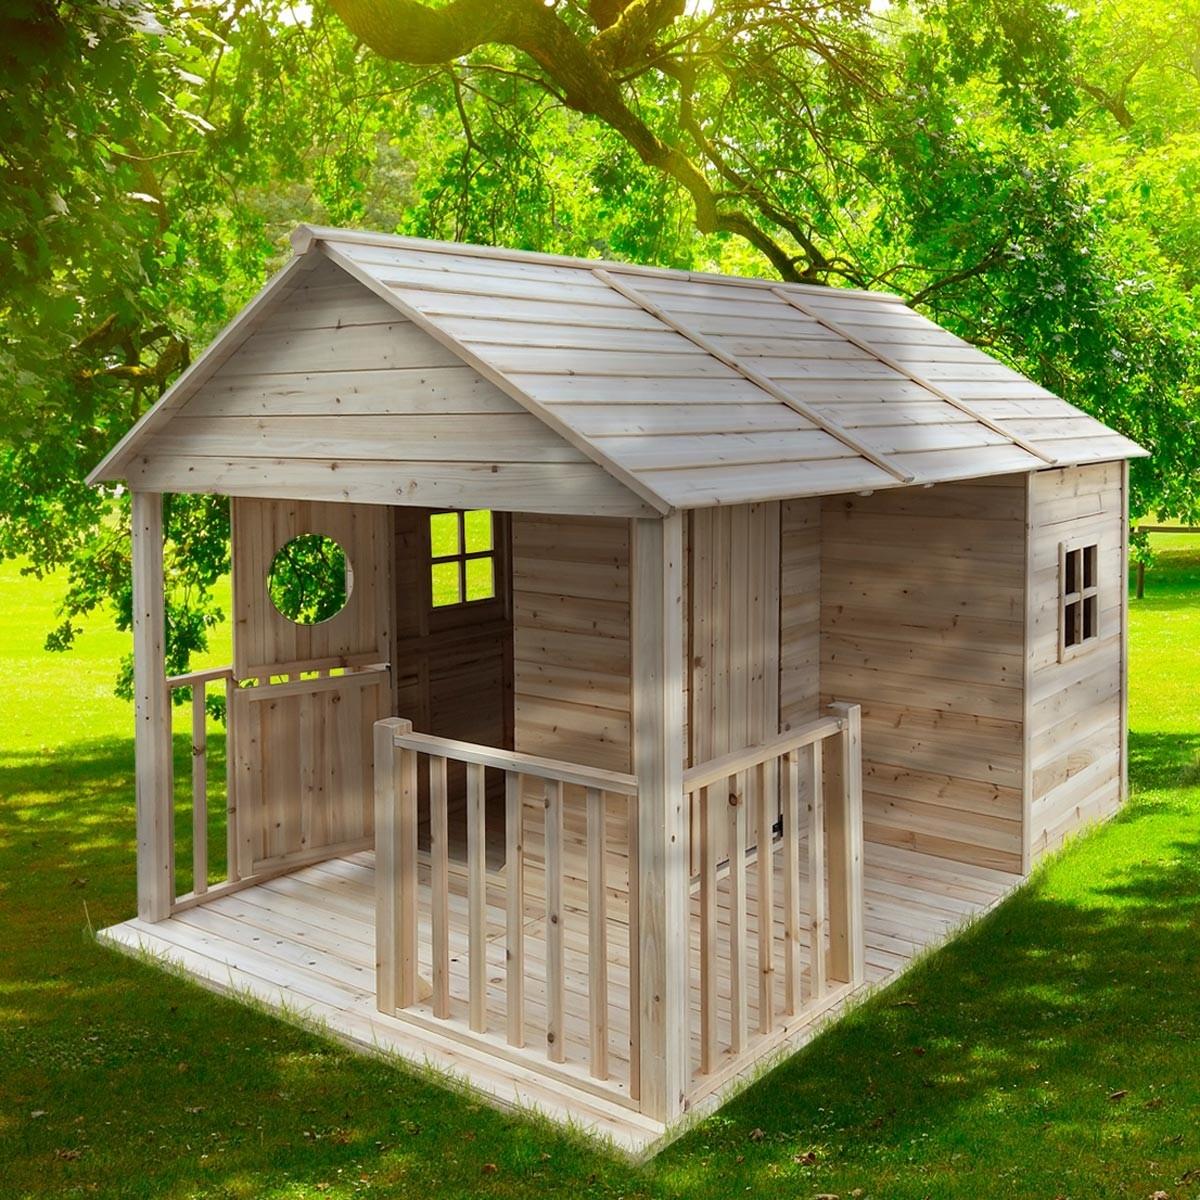 Full Size of Spielhaus Garten Gebraucht Holz Obi Stelzen Mit Schaukel Test Vertikal Relaxsessel Aldi Aufbewahrungsbox Gebrauchte Betten Bewässerungssysteme Trennwand Wohnzimmer Spielhaus Garten Gebraucht